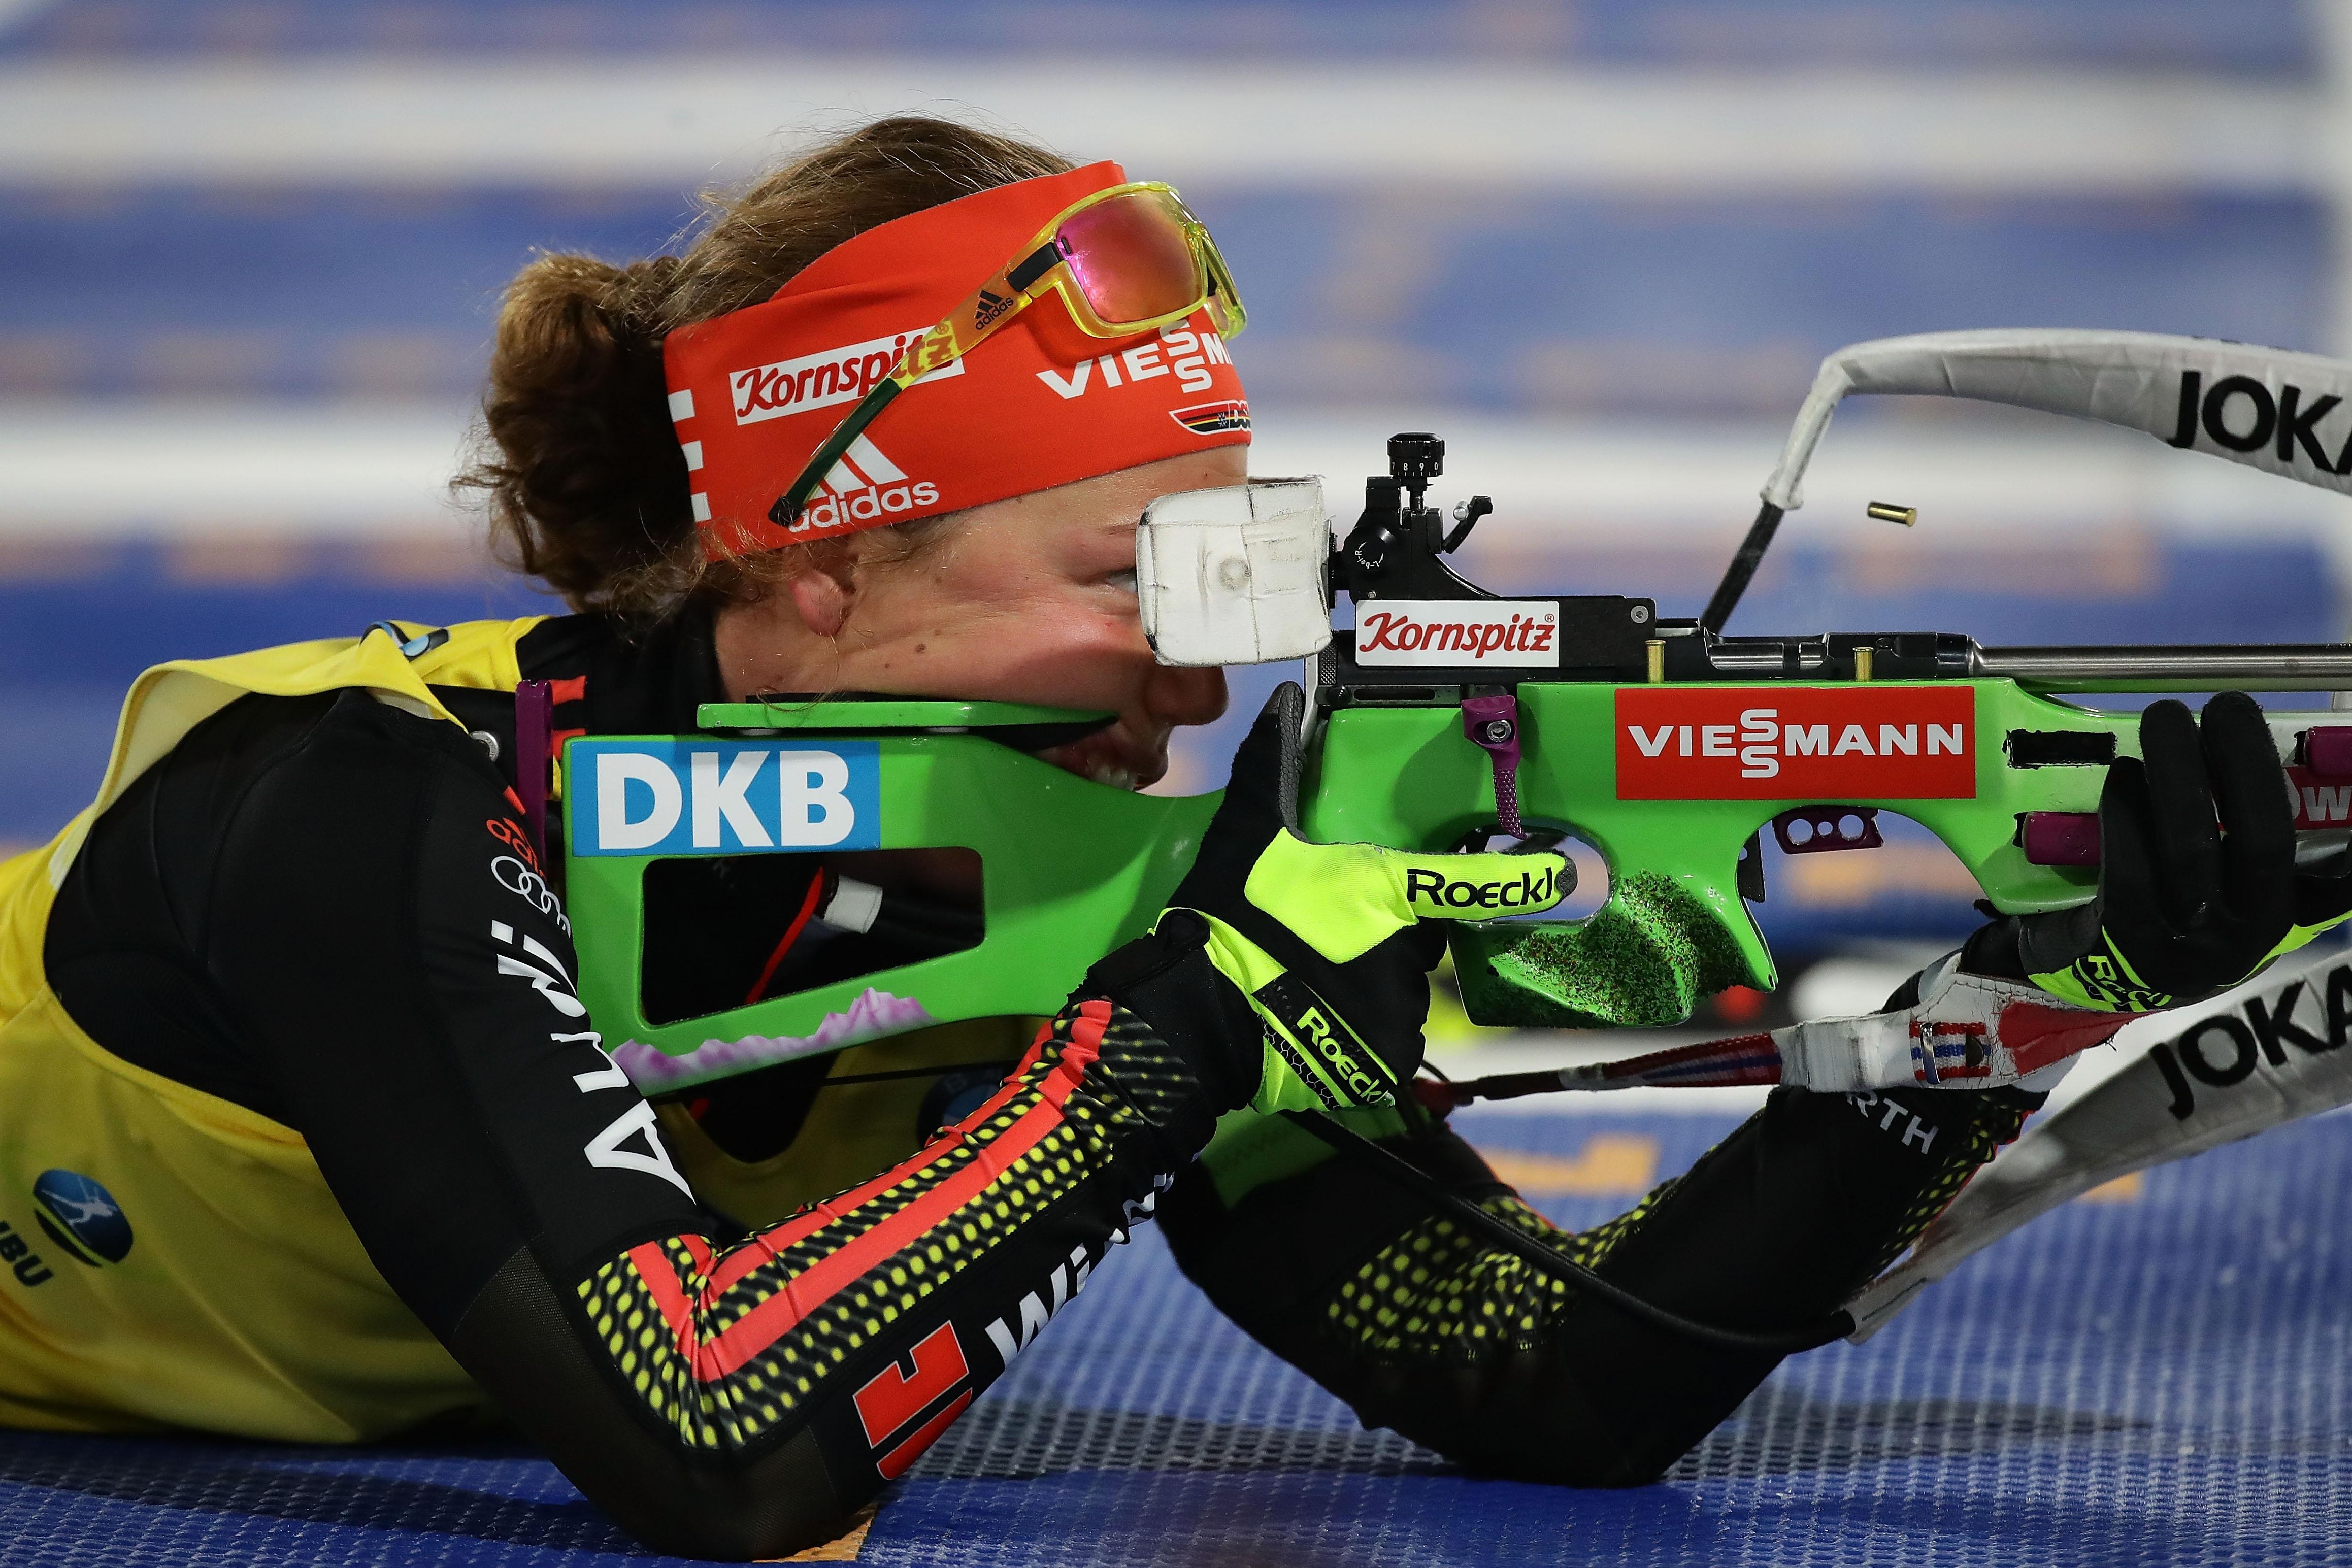 Носителката на Световната купа по биатлон Лаура Далмайер (Германия) ще